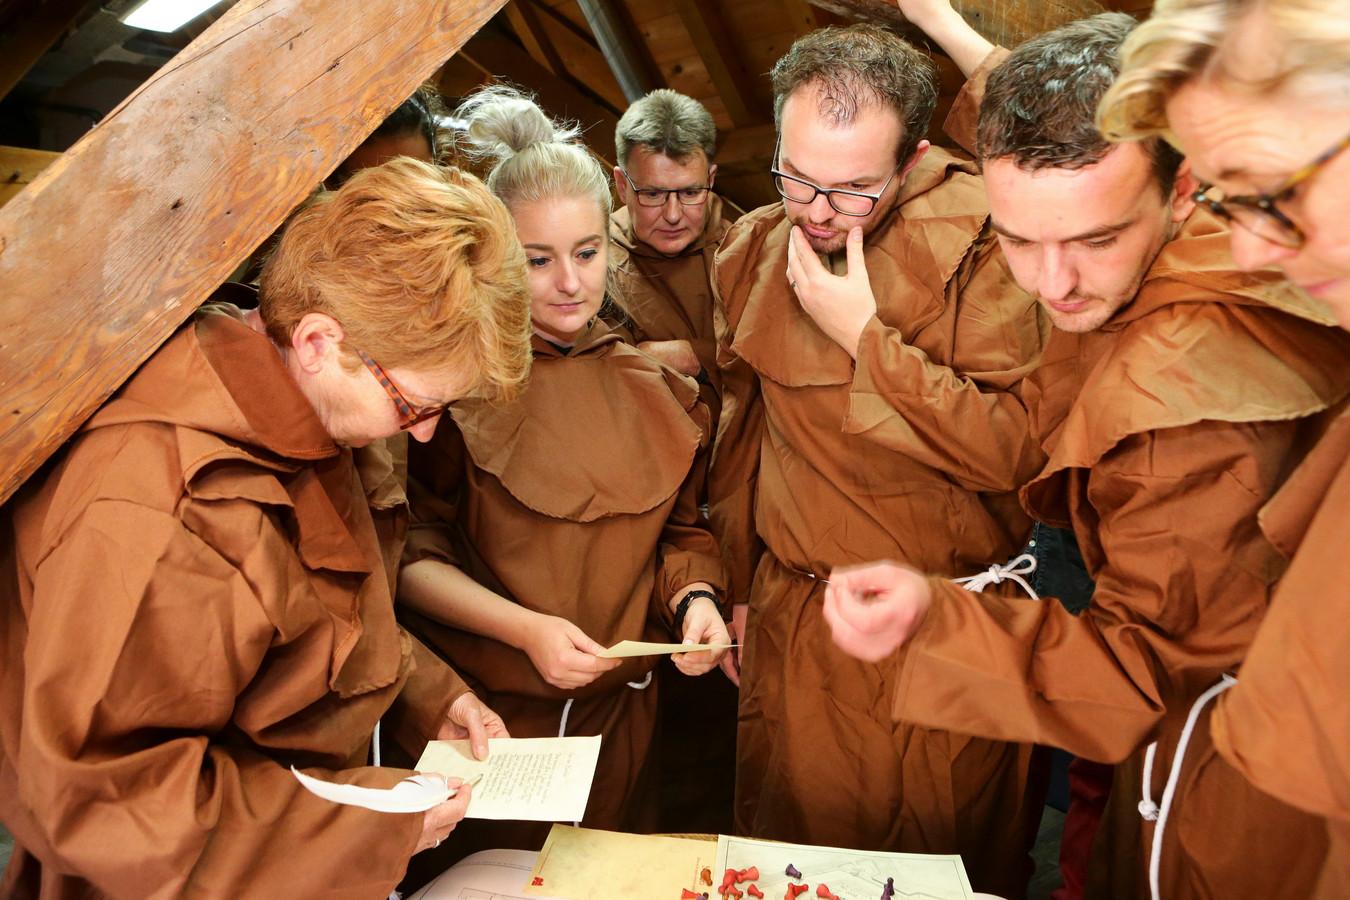 Net als in 1570 nemen spelers, verkleed als monnik, het slot in met een list. Ze hebben vijf kwartier de tijd om alle puzzels te kraken en de bezetting tot een goed einde te brengen.